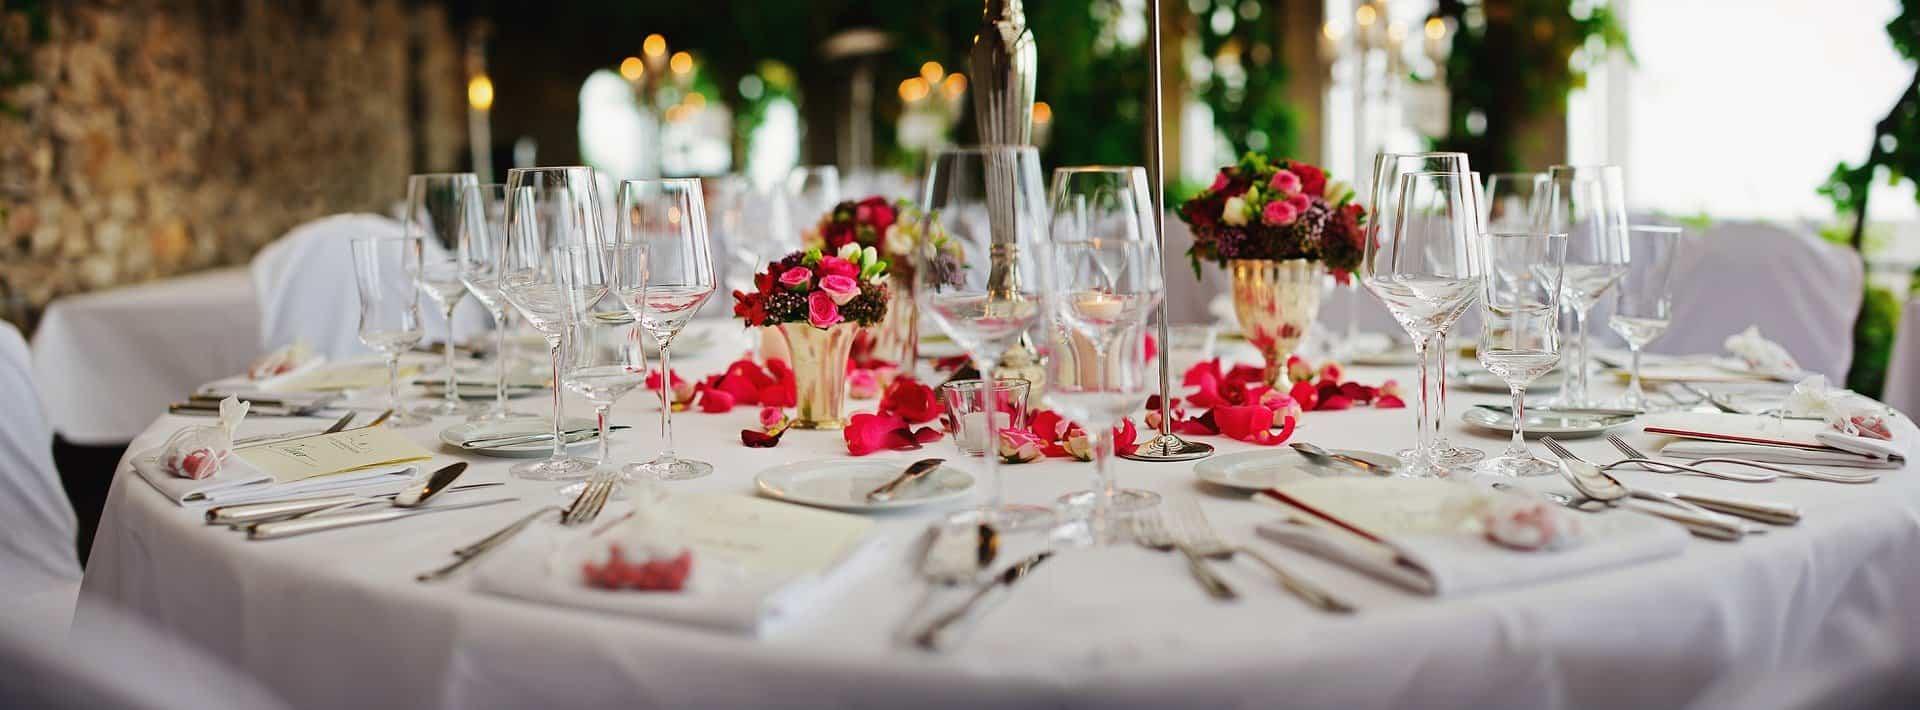 decorar tu mesa para una boda